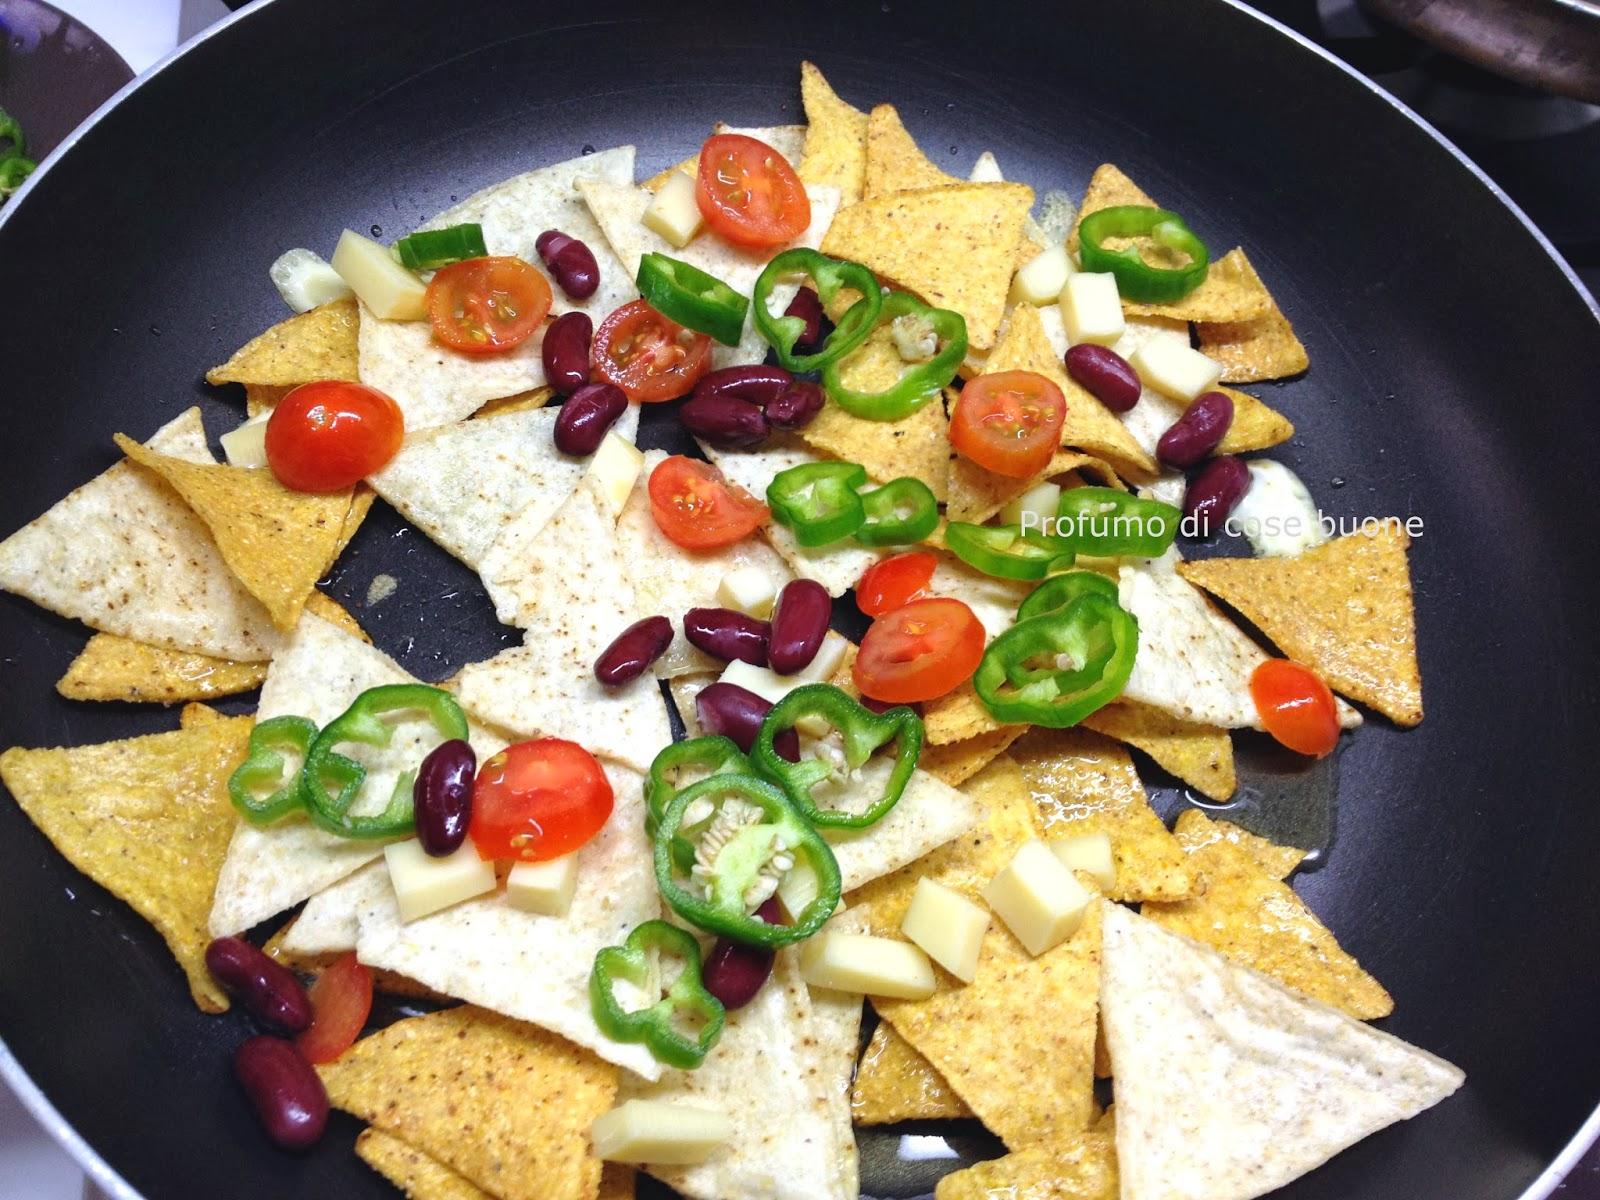 Profumo di cose buone nachos con fagioli rossi e for Ricette messicane